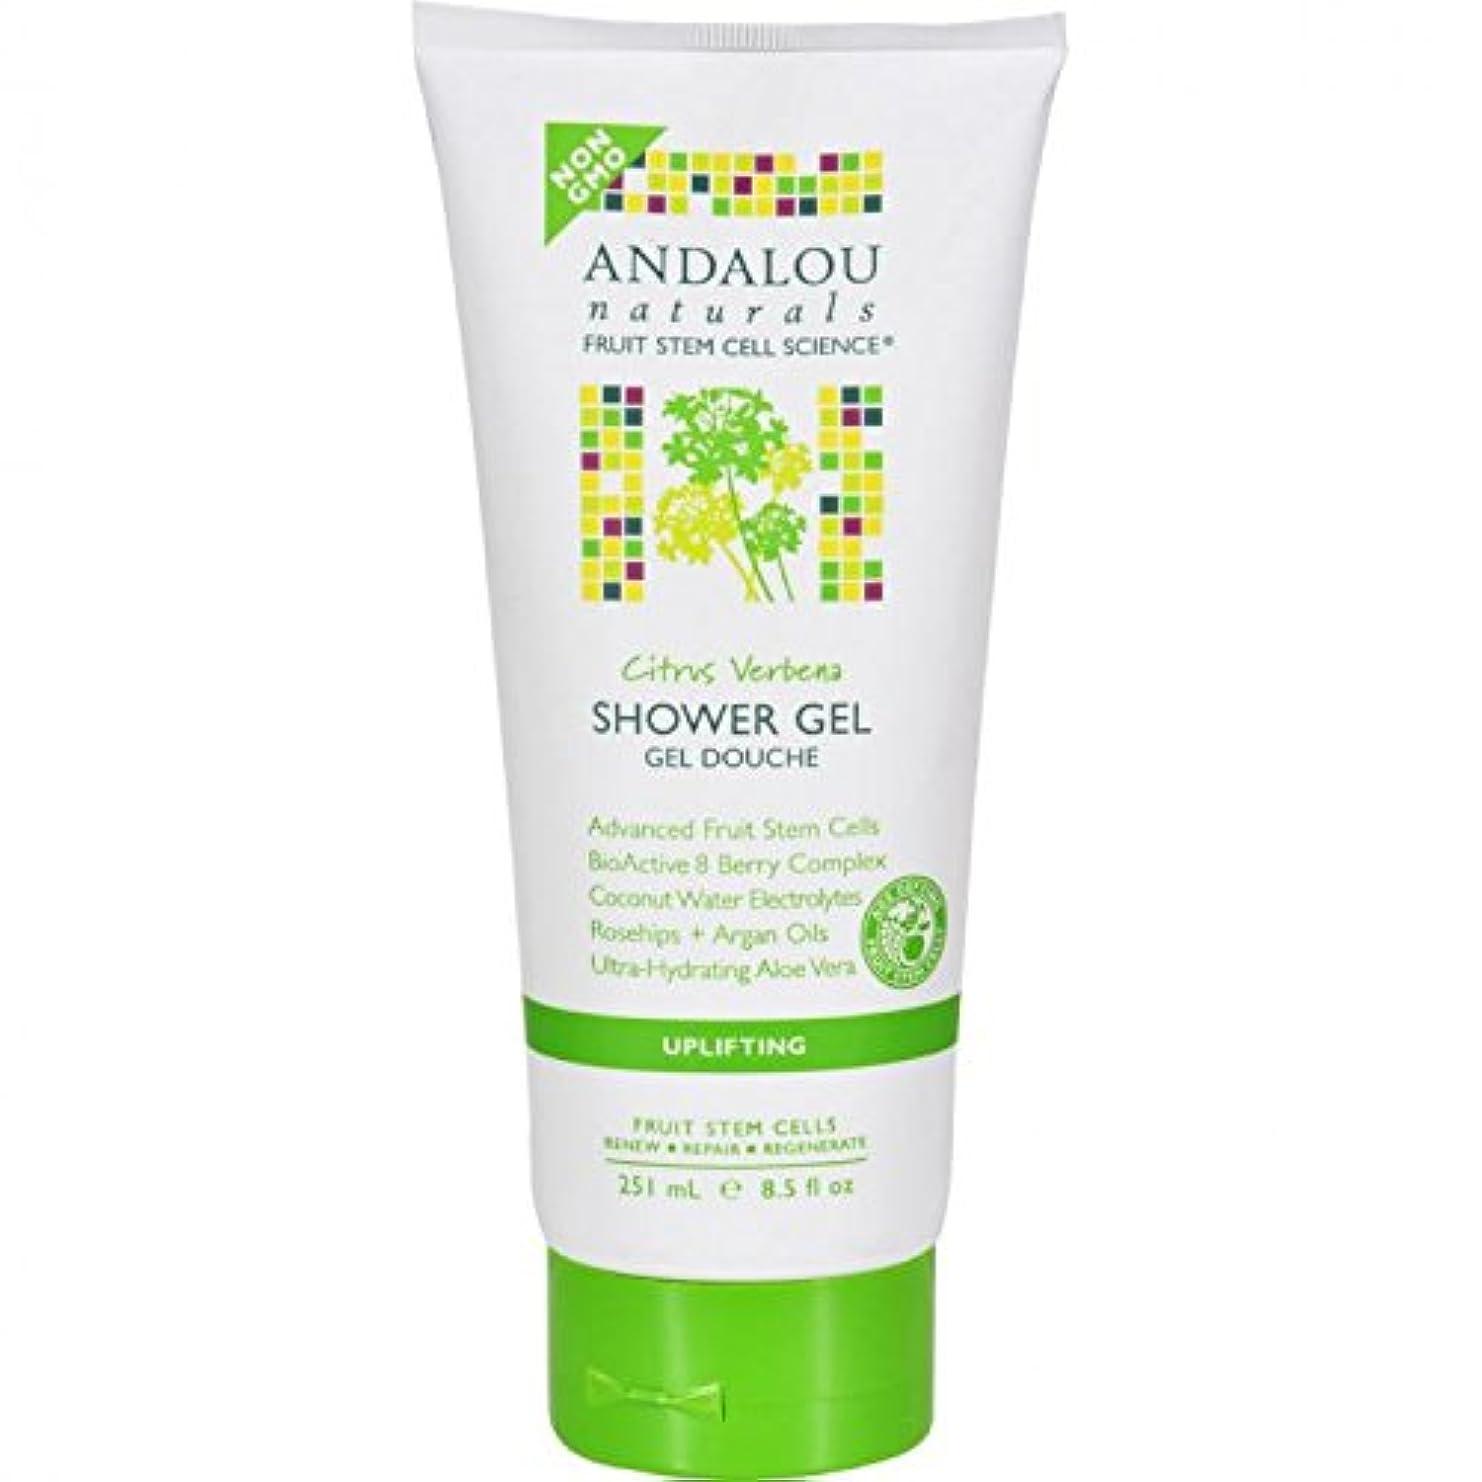 拳不屈アブストラクトShower Gel - Citrus Verbena Uplifting - 8.5 fl oz by Andalou Naturals